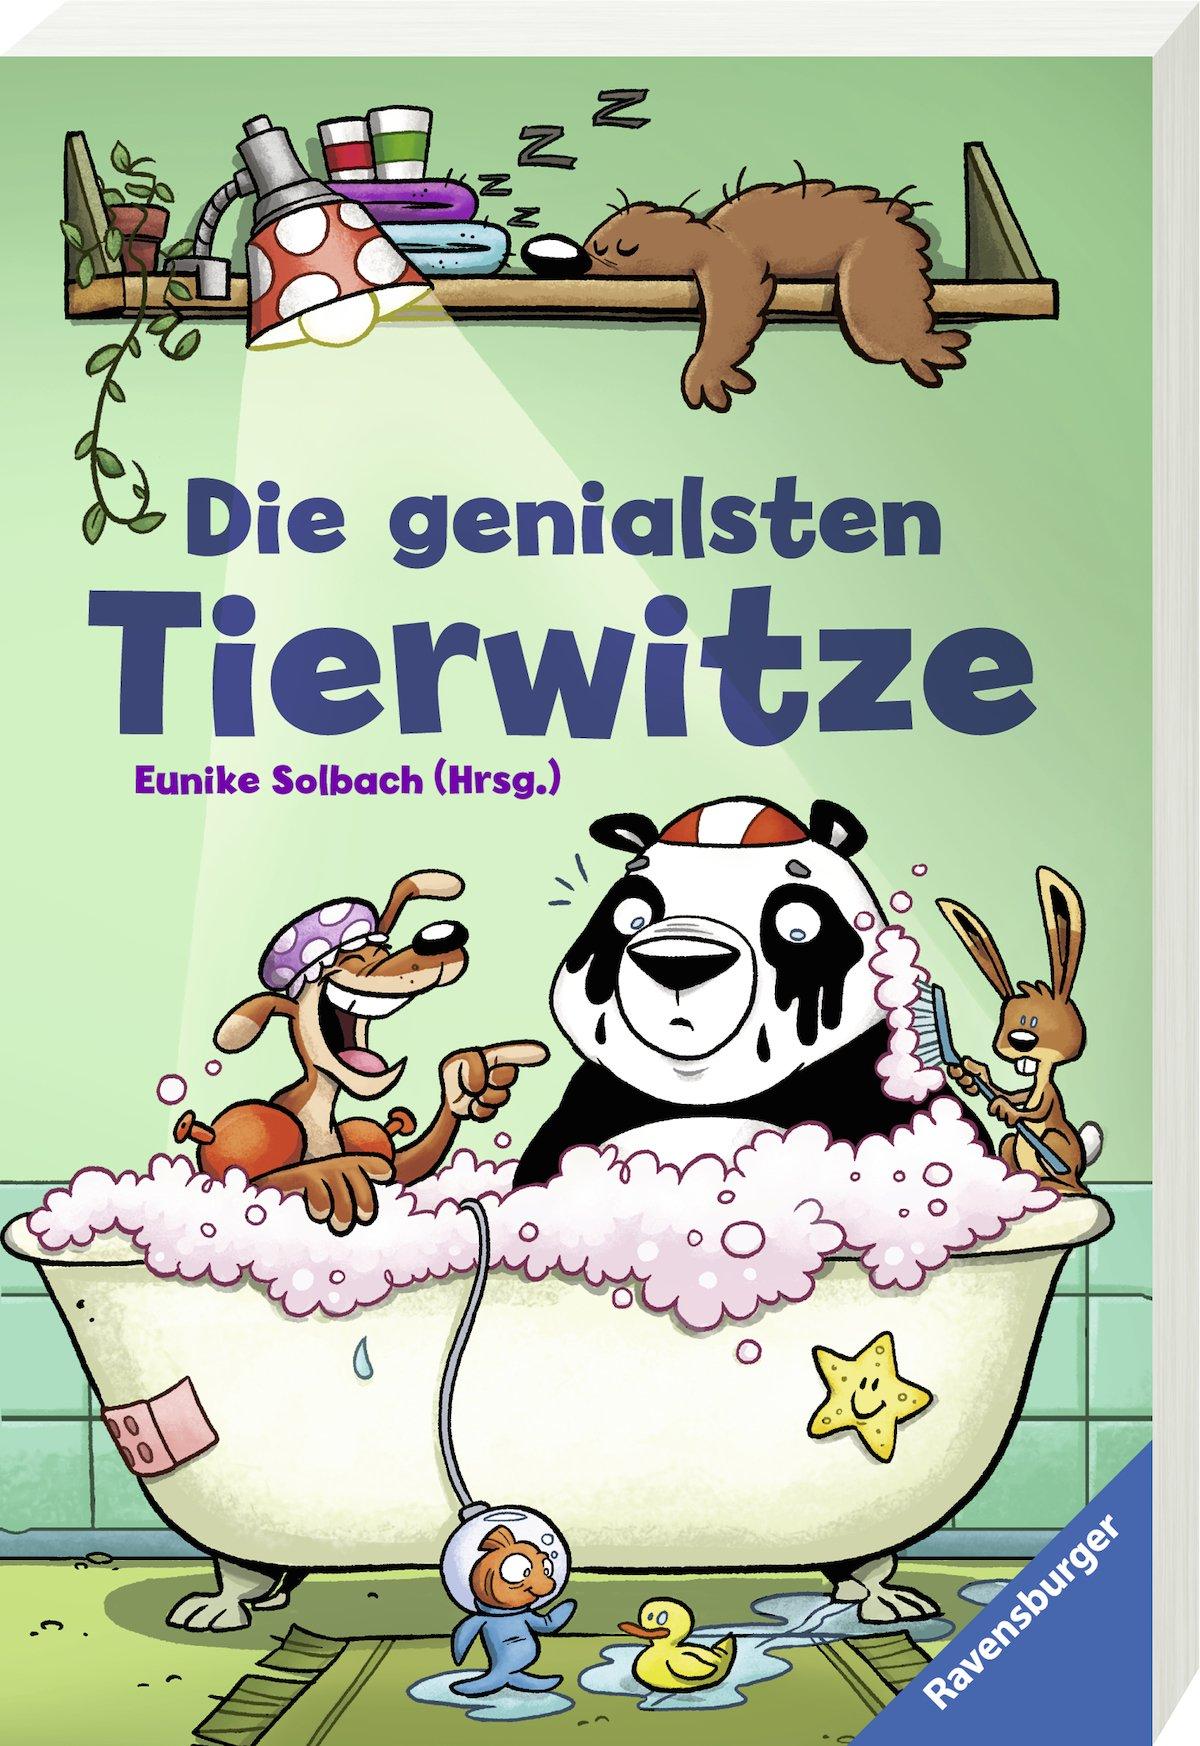 Die genialsten Tierwitze (Ravensburger Taschenbücher)